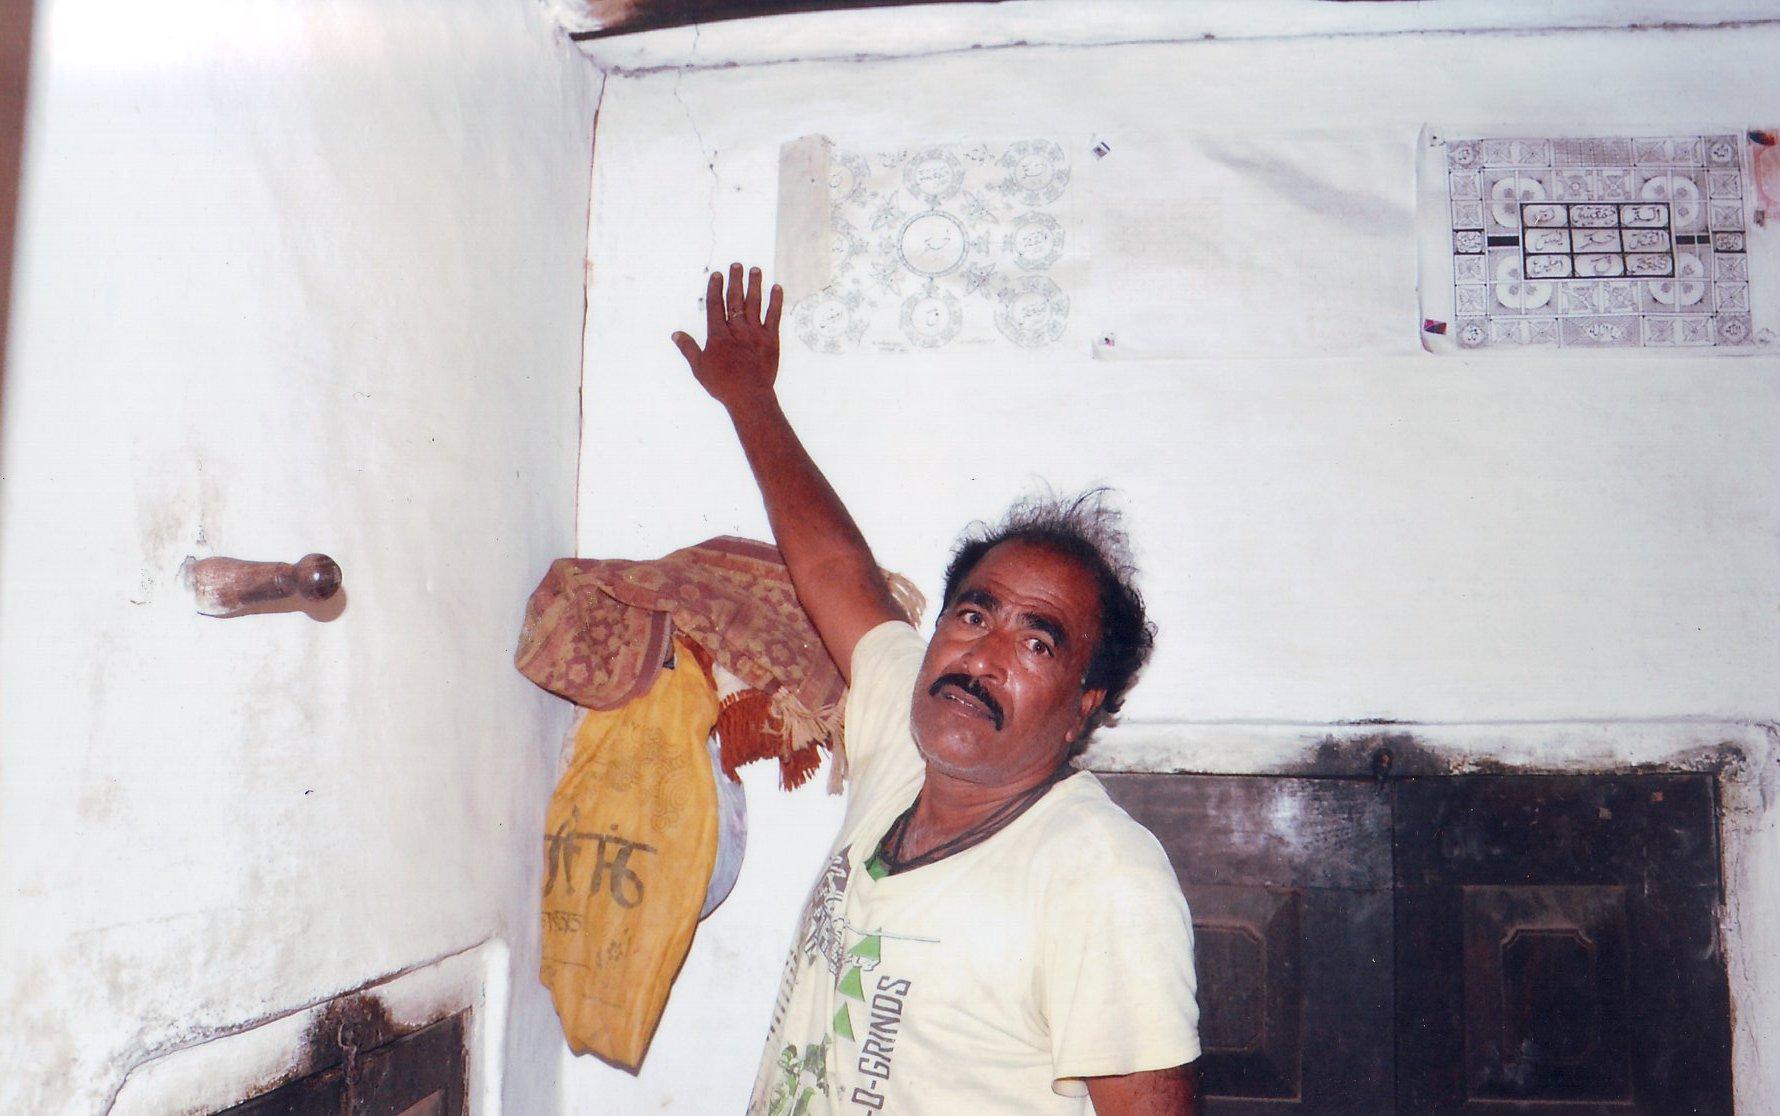 ब्लास्टिंग से आ रही लोगों के घरों में दरार